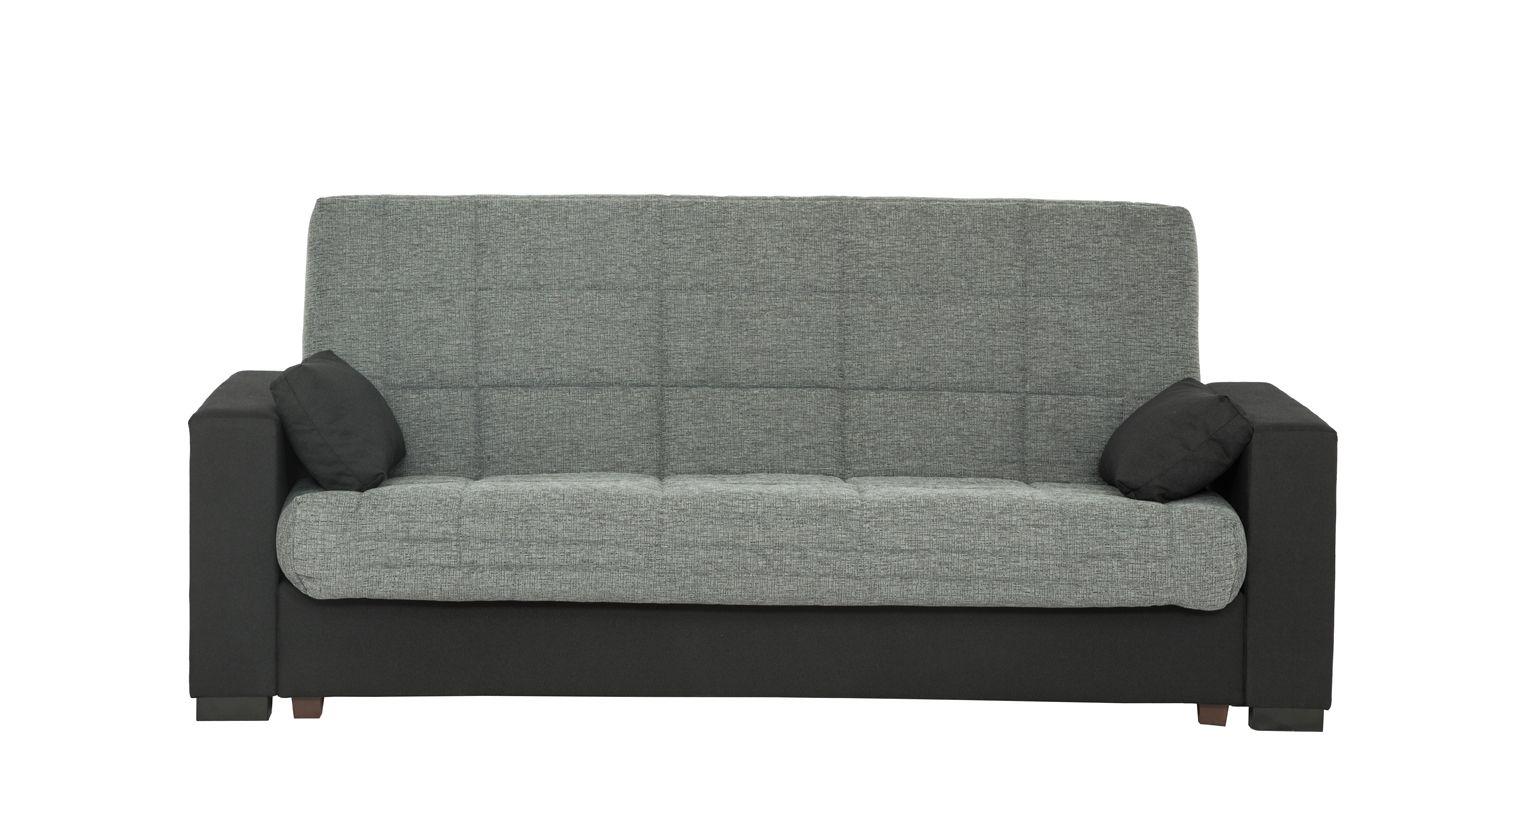 Comprar sof cama daviu sof cama de 135 x 190 arc n junio for Sofas baratos asturias